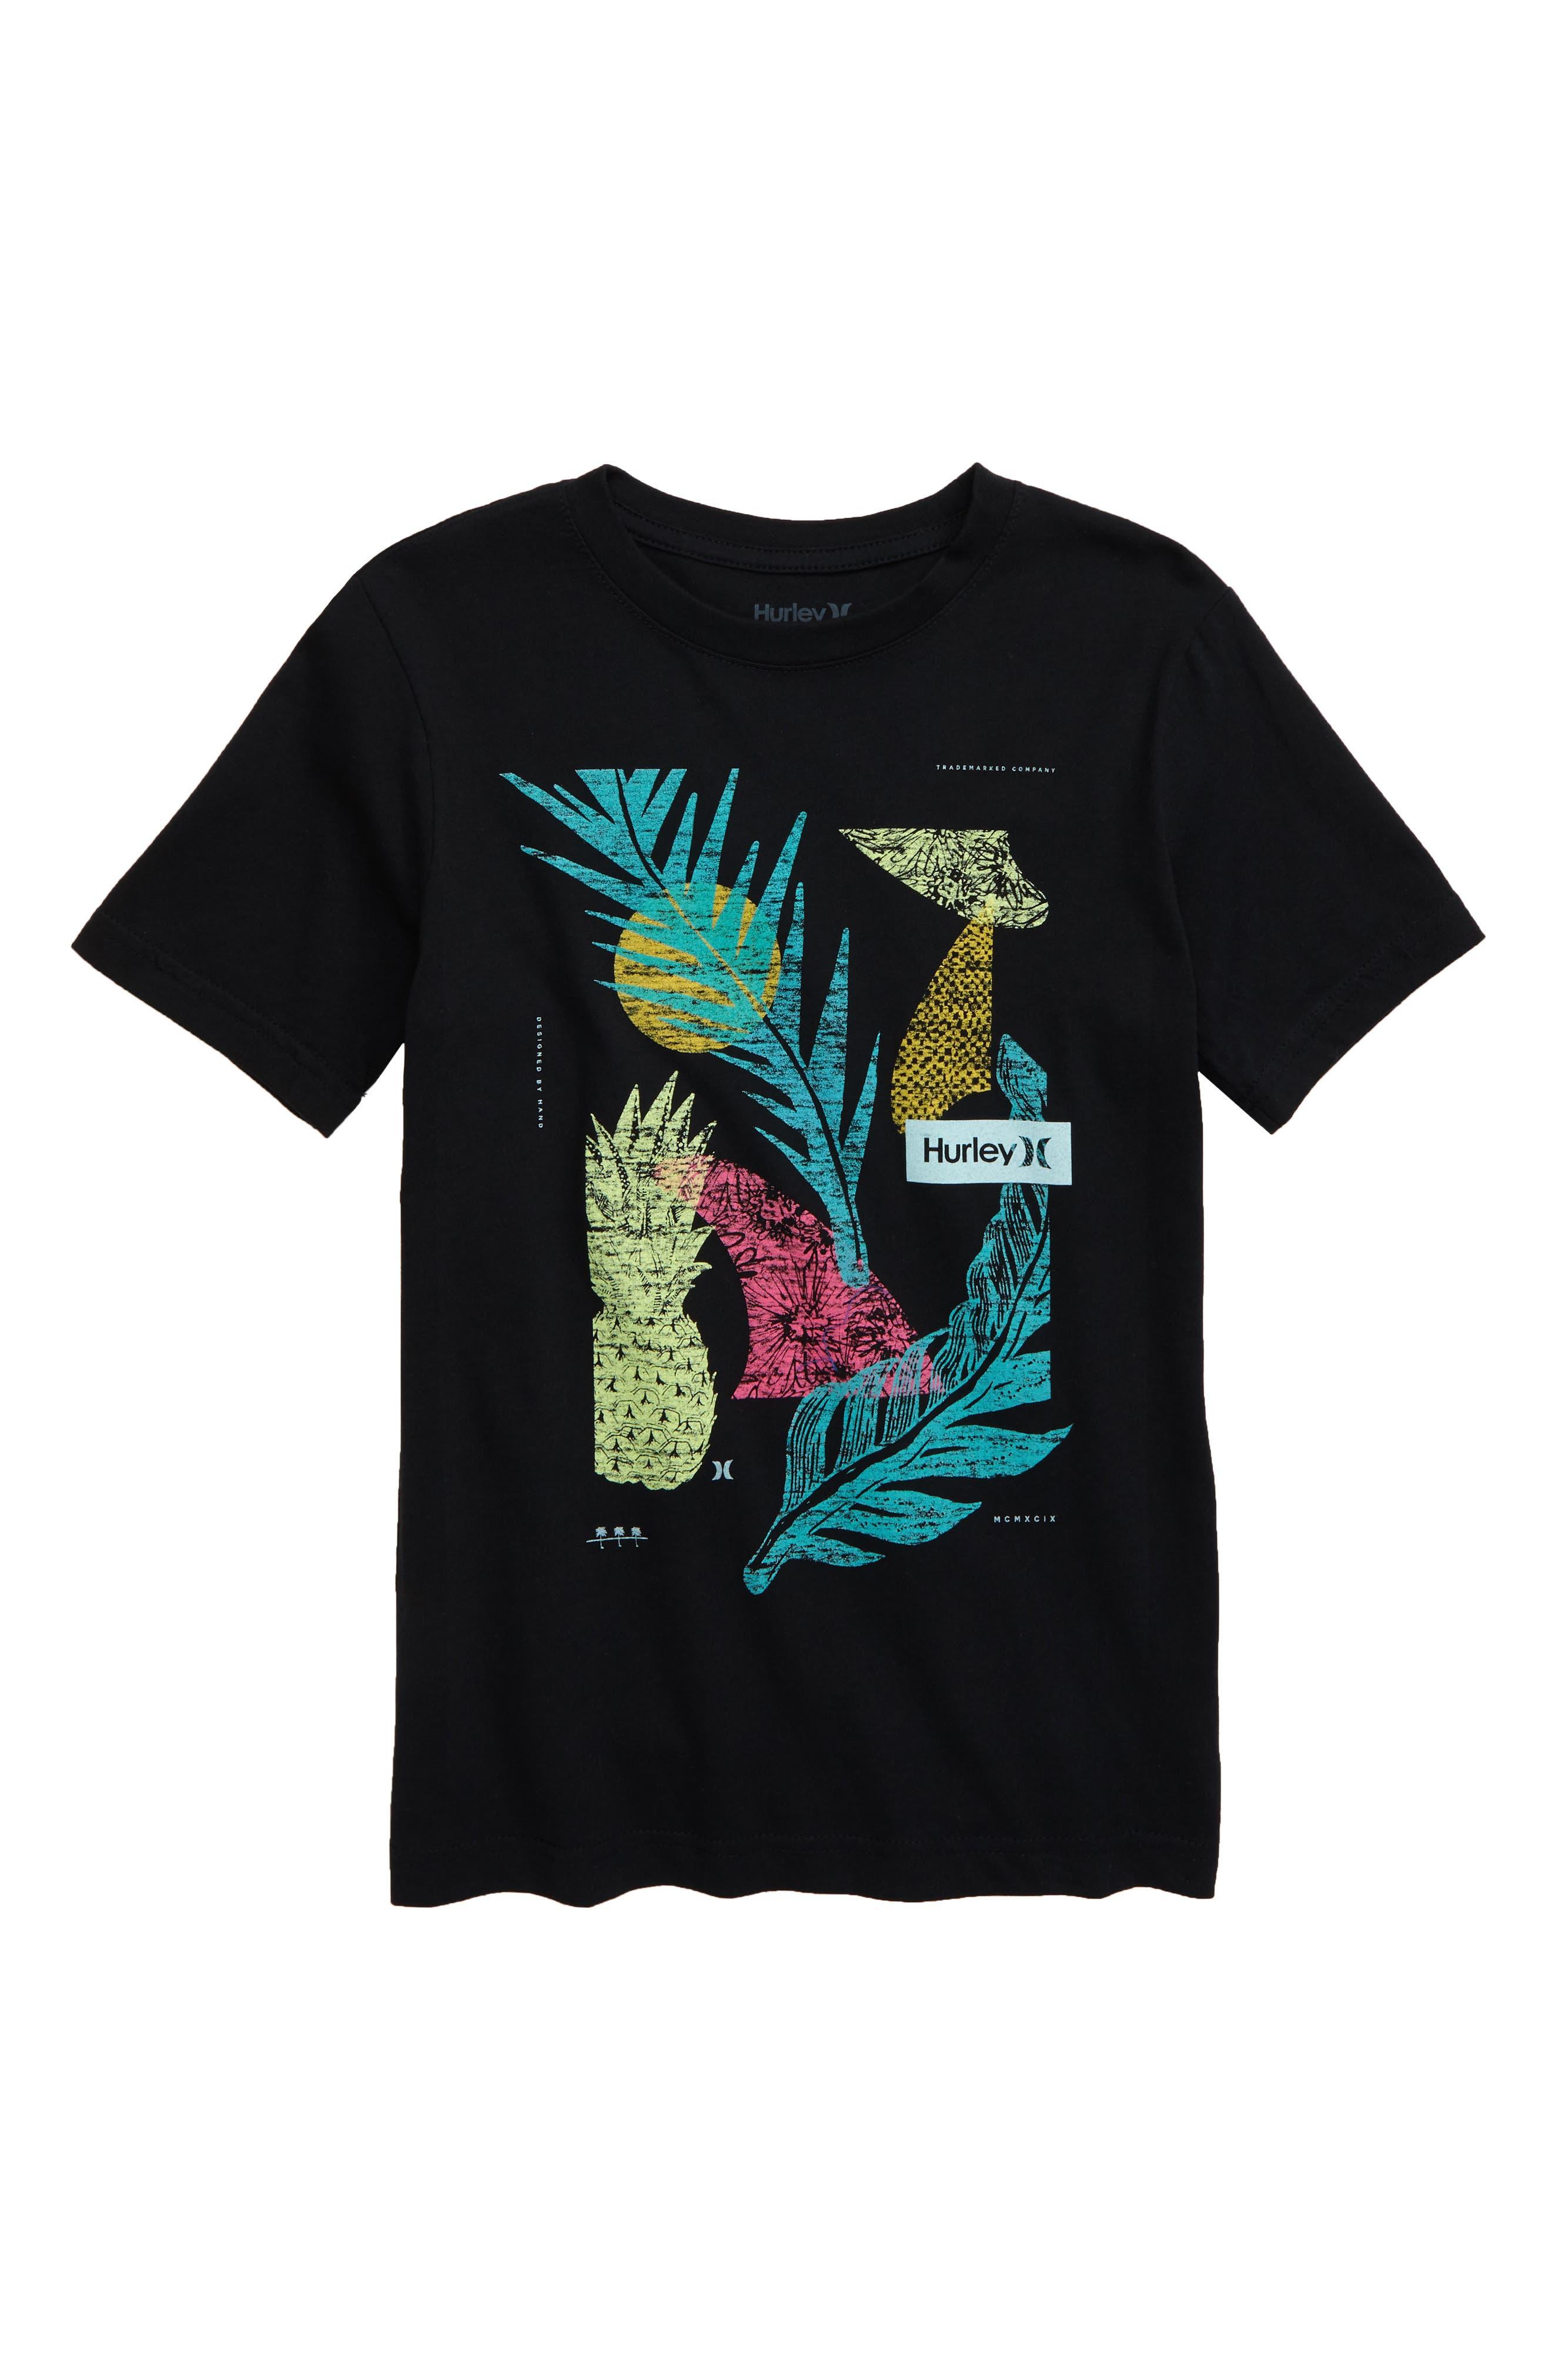 Boys Hurley Kapaleia TShirt Size M (1012)  Black